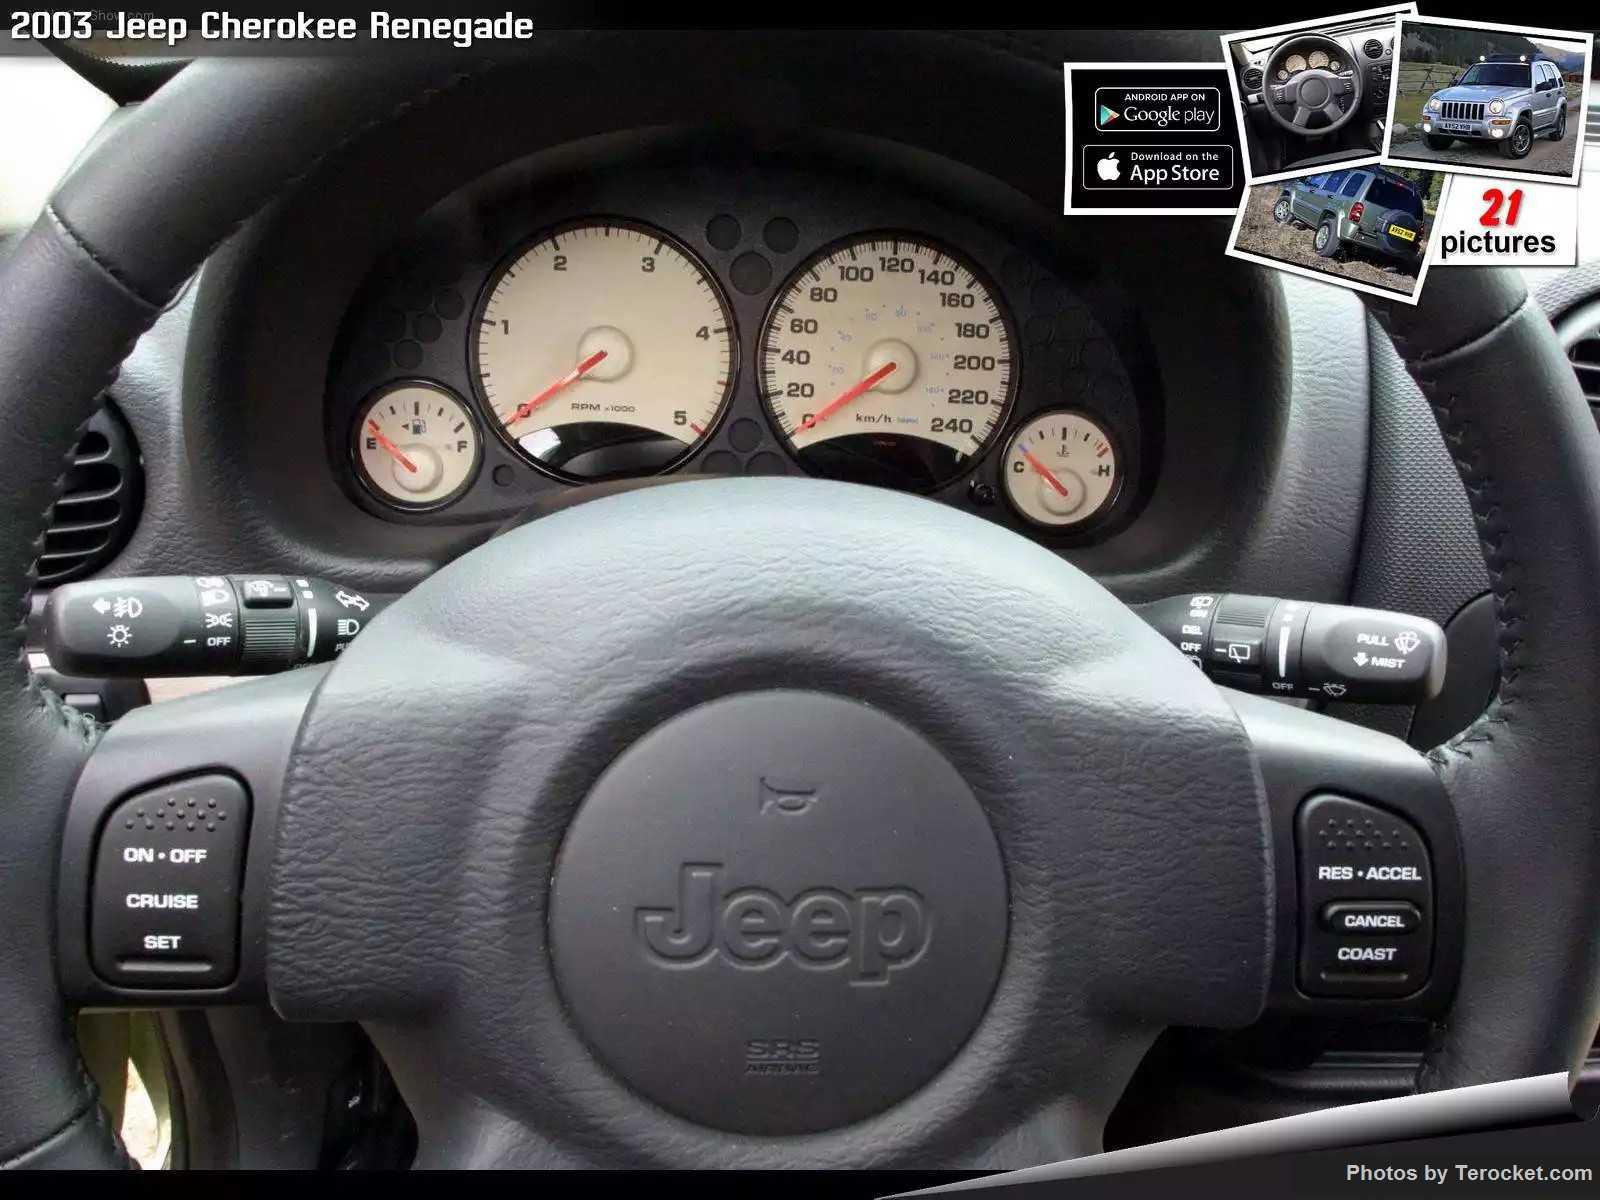 Hình ảnh xe ô tô Jeep Cherokee Renegade 2003 & nội ngoại thất